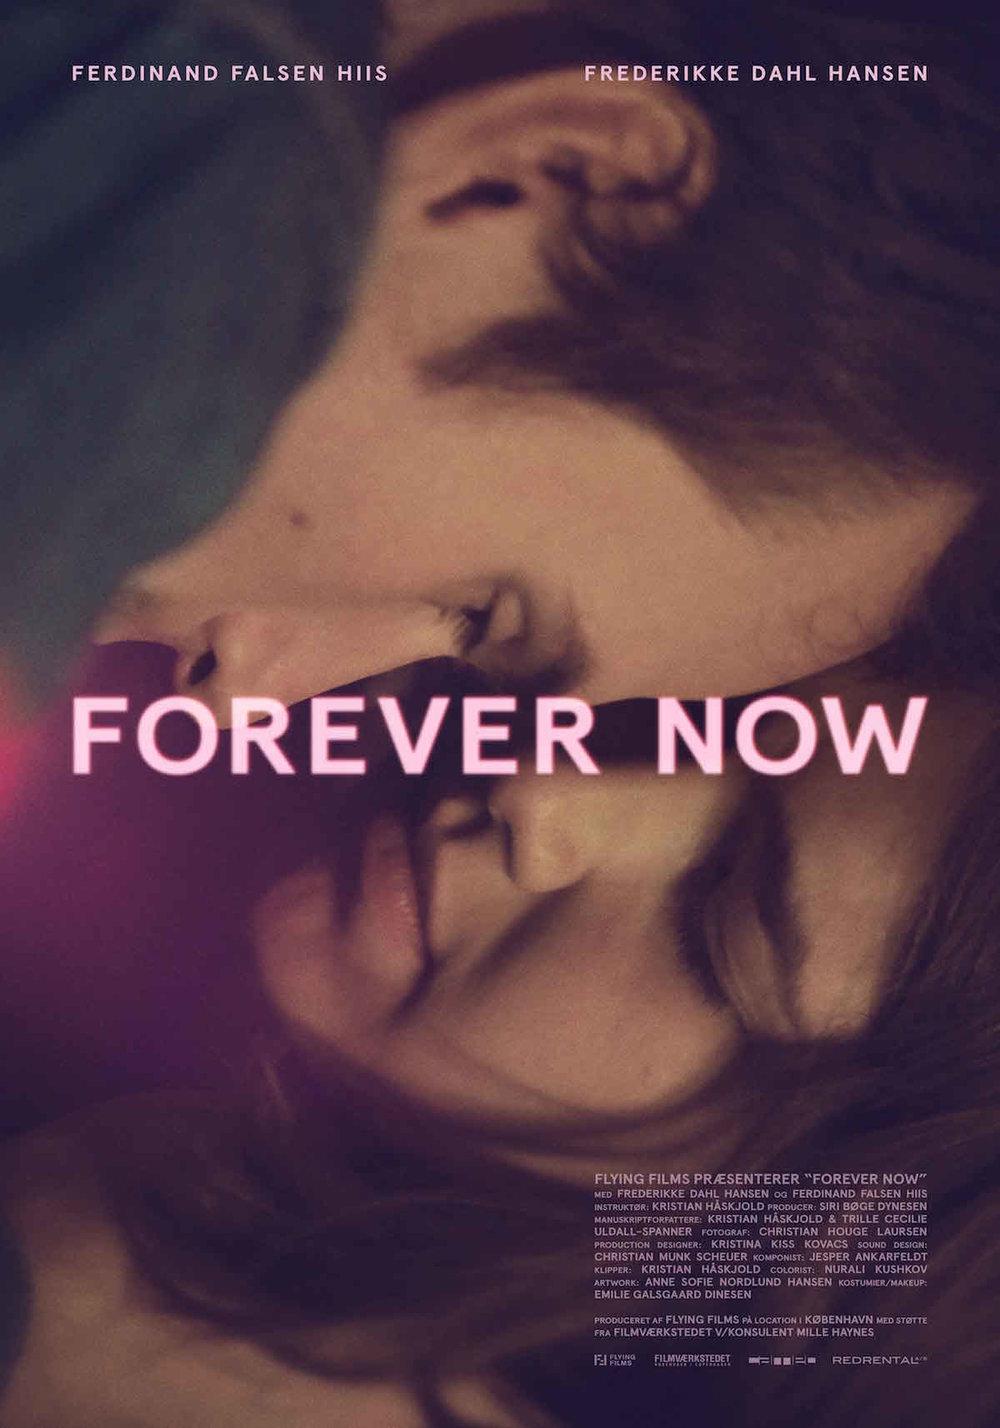 Forever Now - Poster.jpg